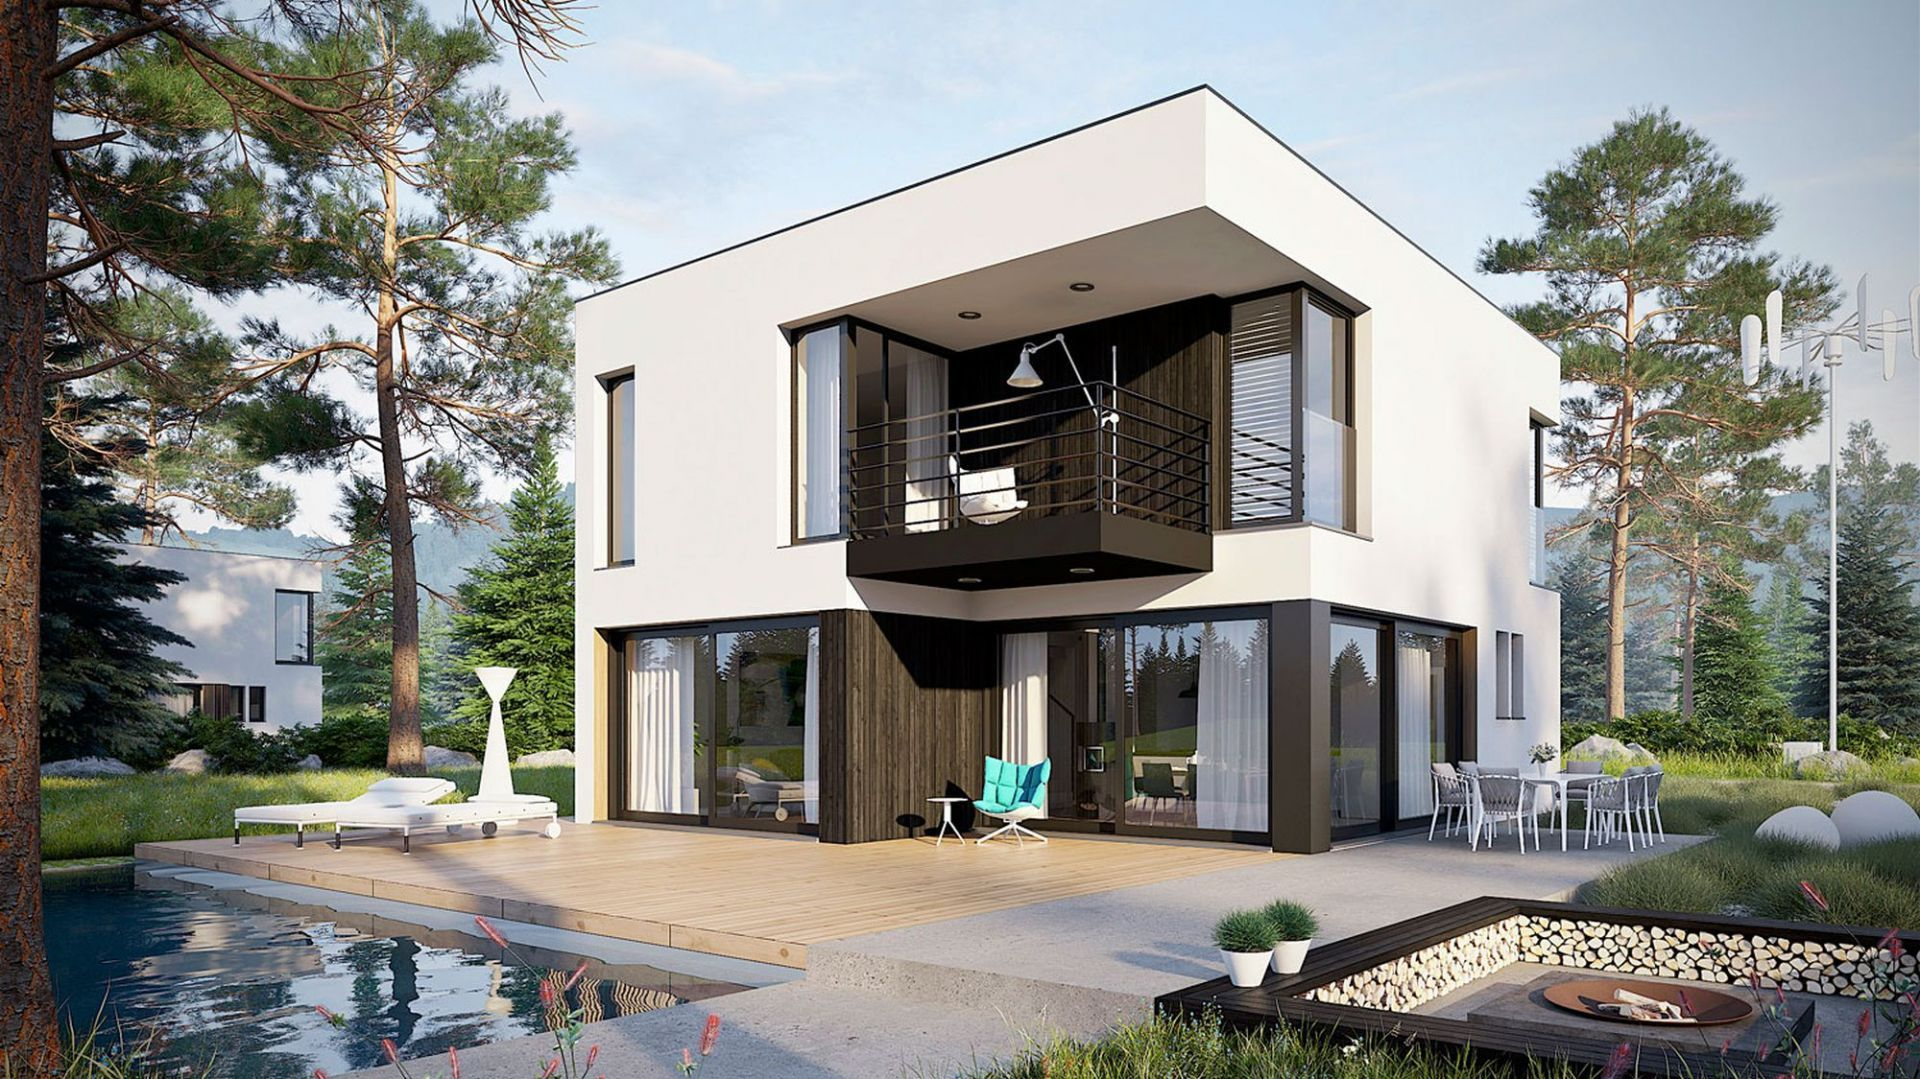 Nazwa projektu: Dom EX 2 Soft. Powierzchnia użytkowa: 124.39 m². Projekt wykonano w Pracowni Projektowej Archipelag